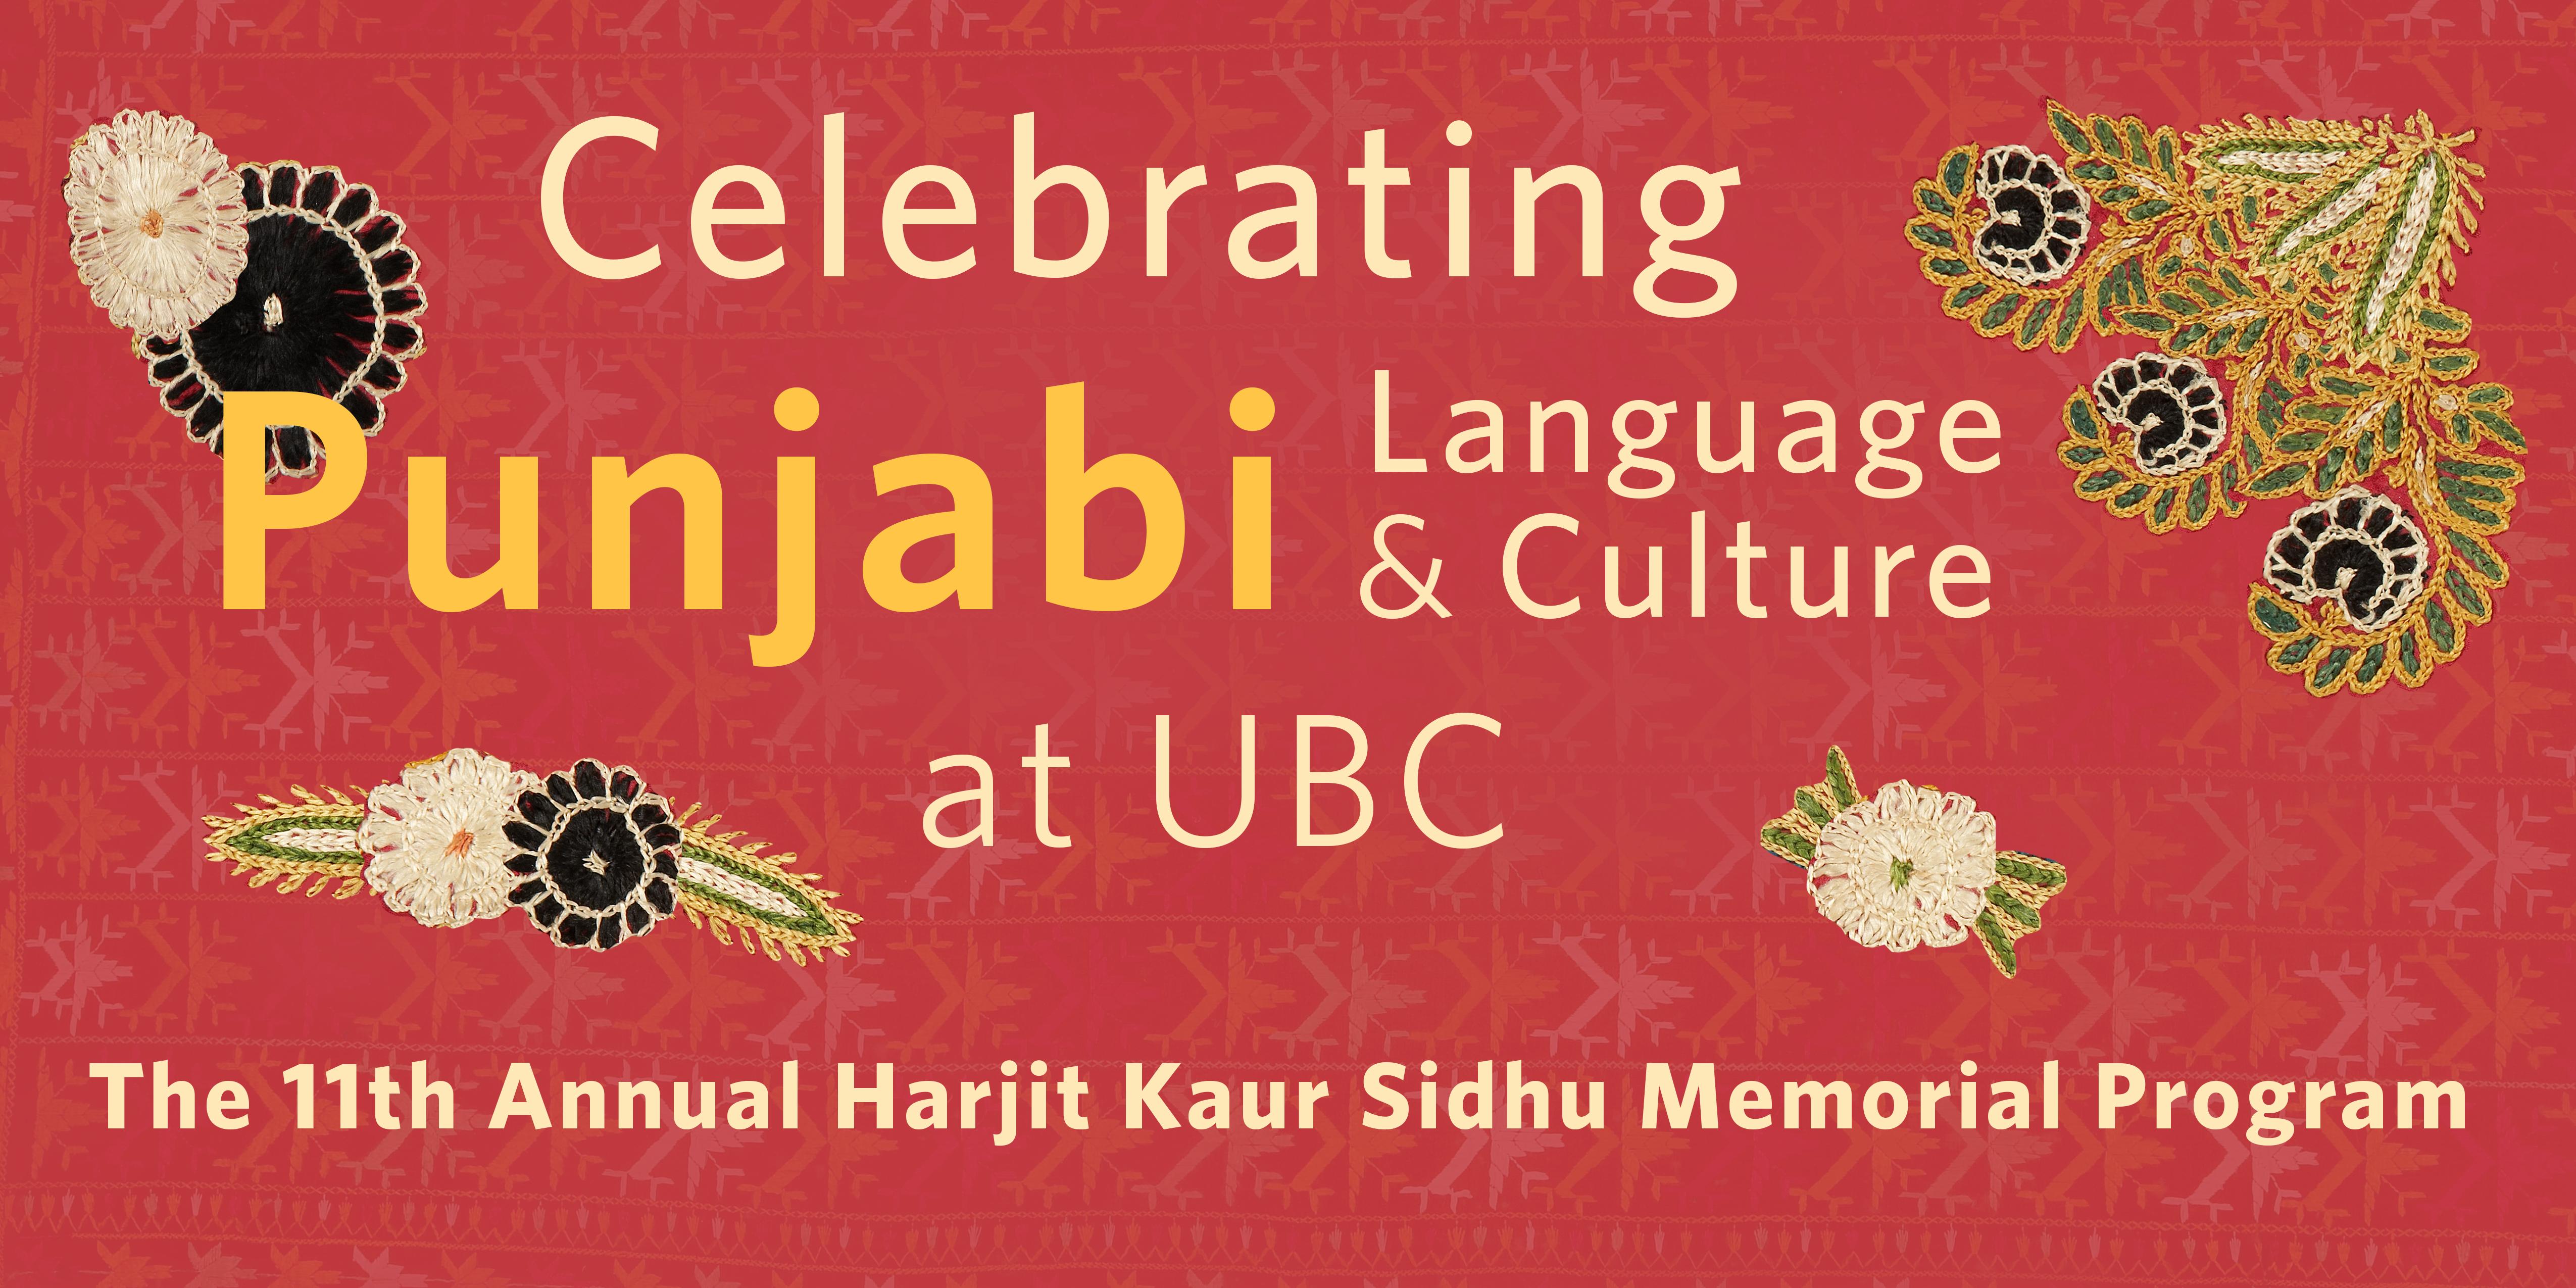 2019 Harjit Kaur Sidhu Memorial Program